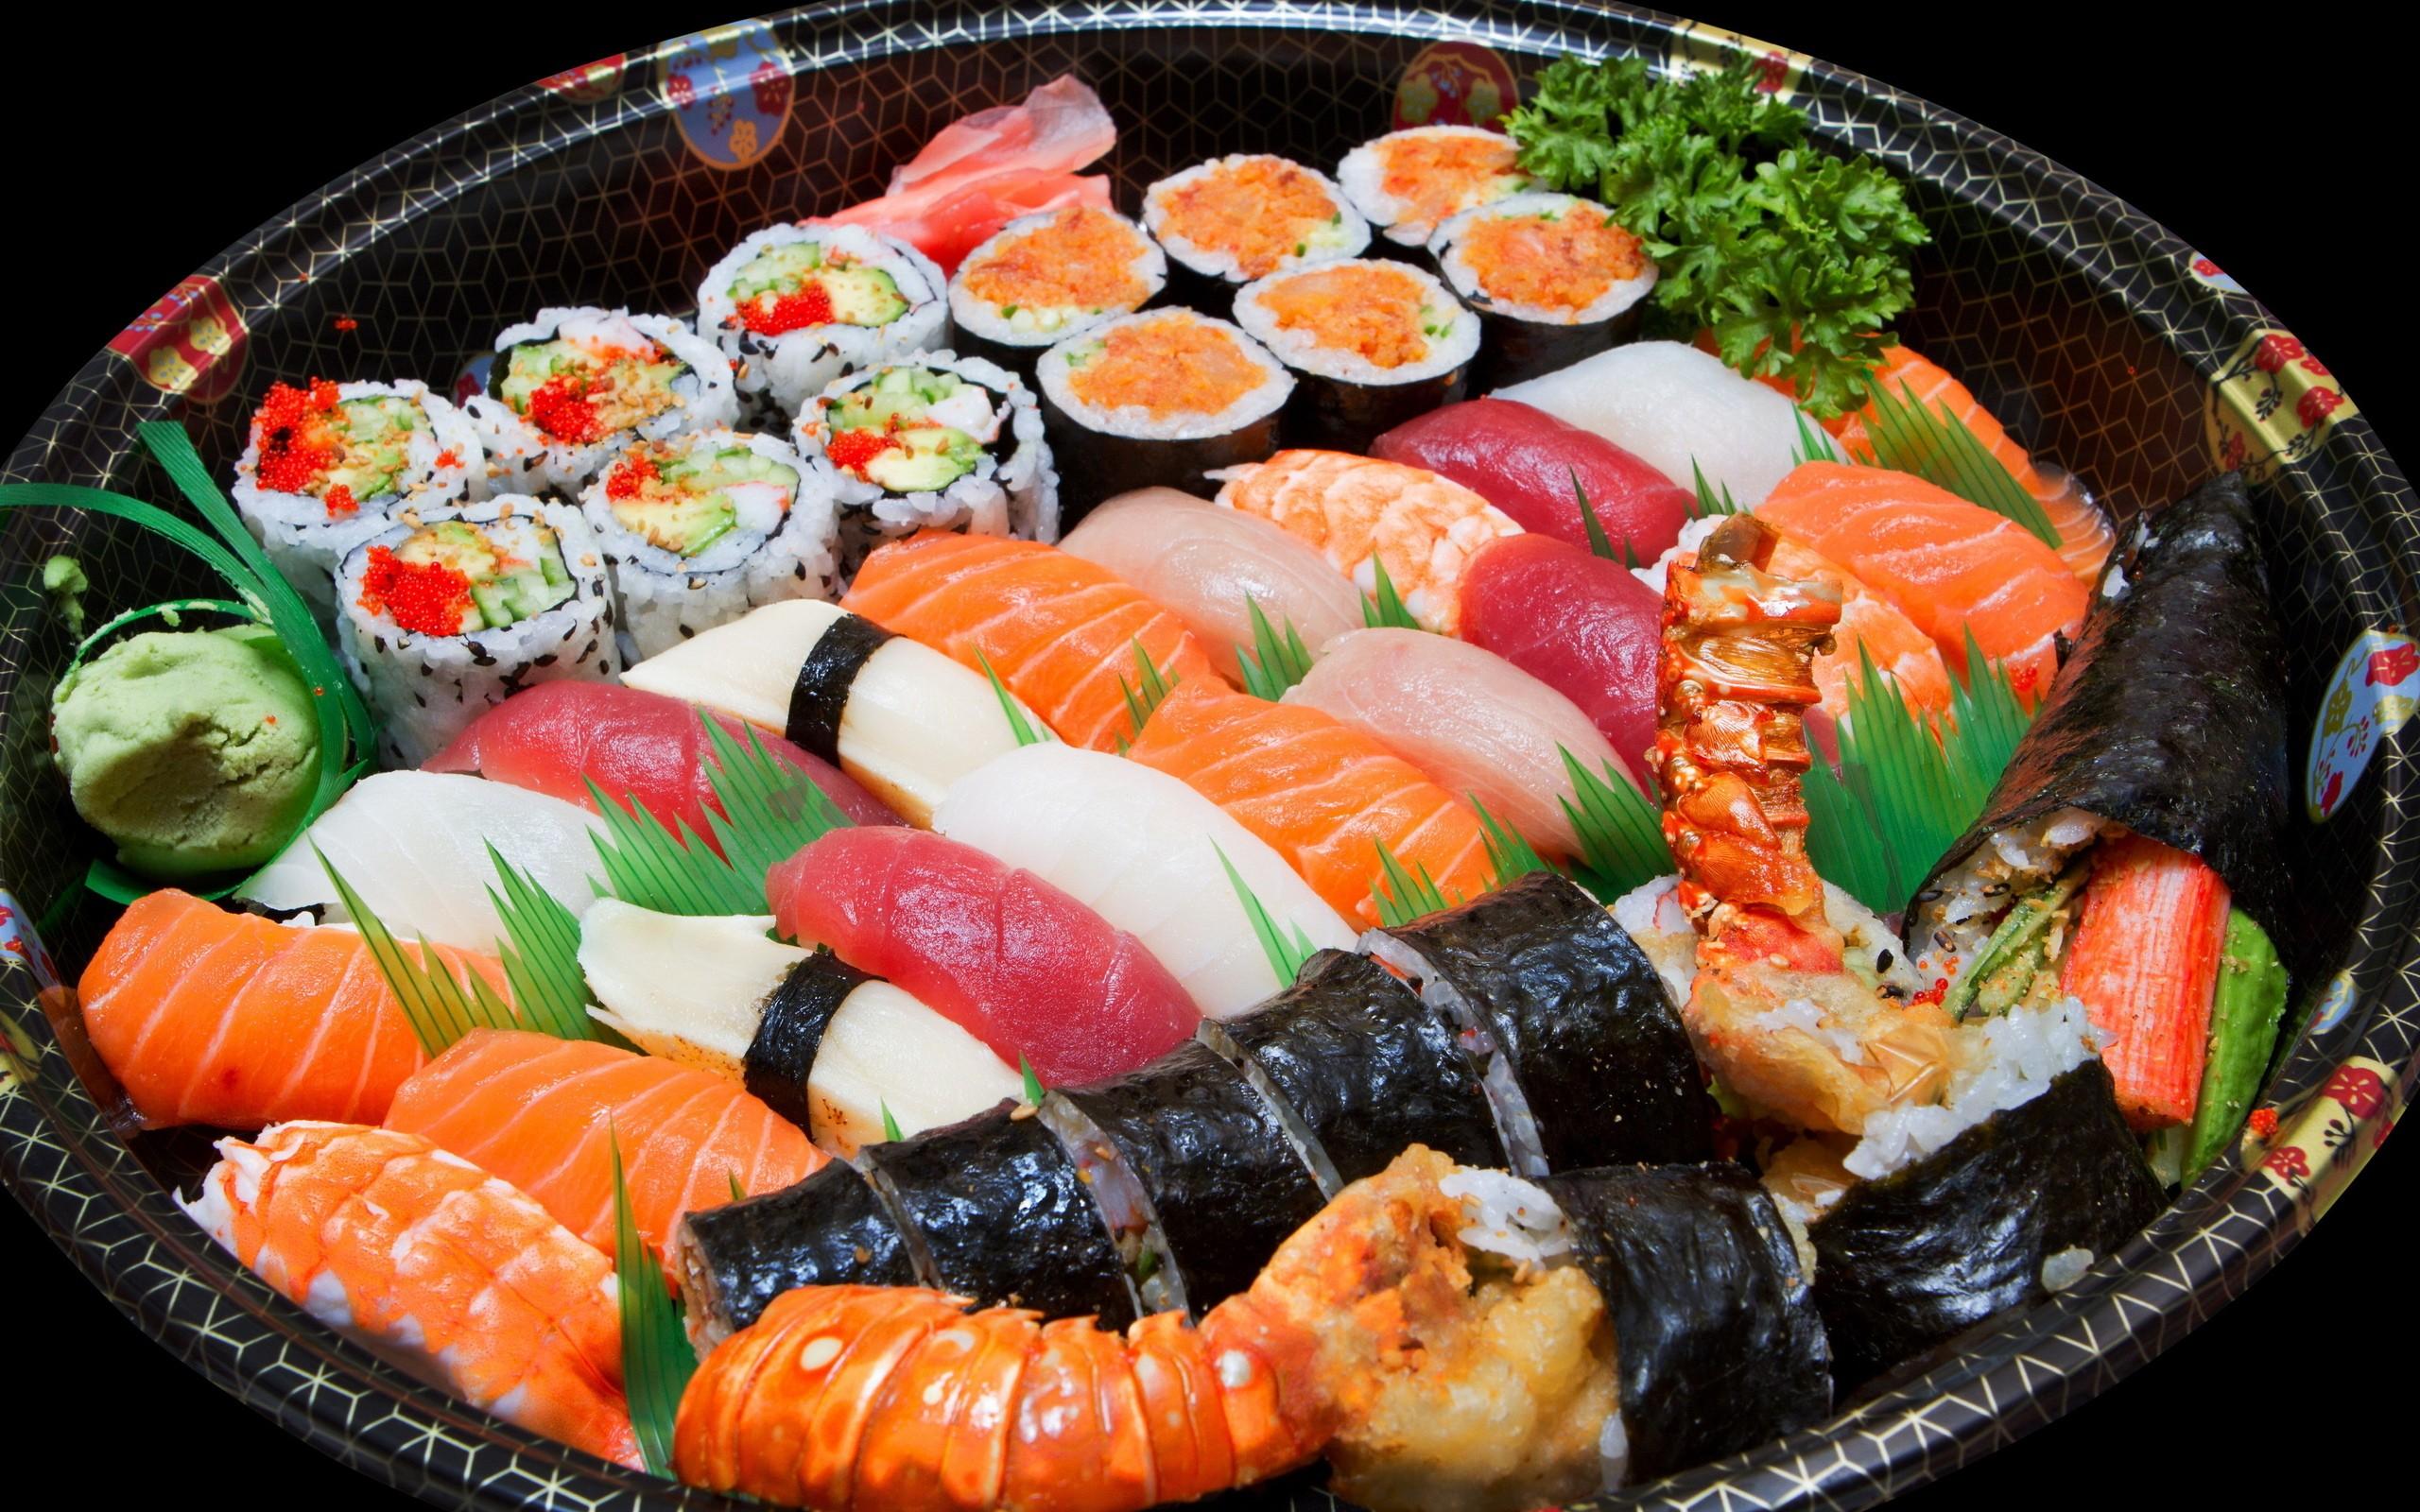 El Plato Sushi - 2560x1600